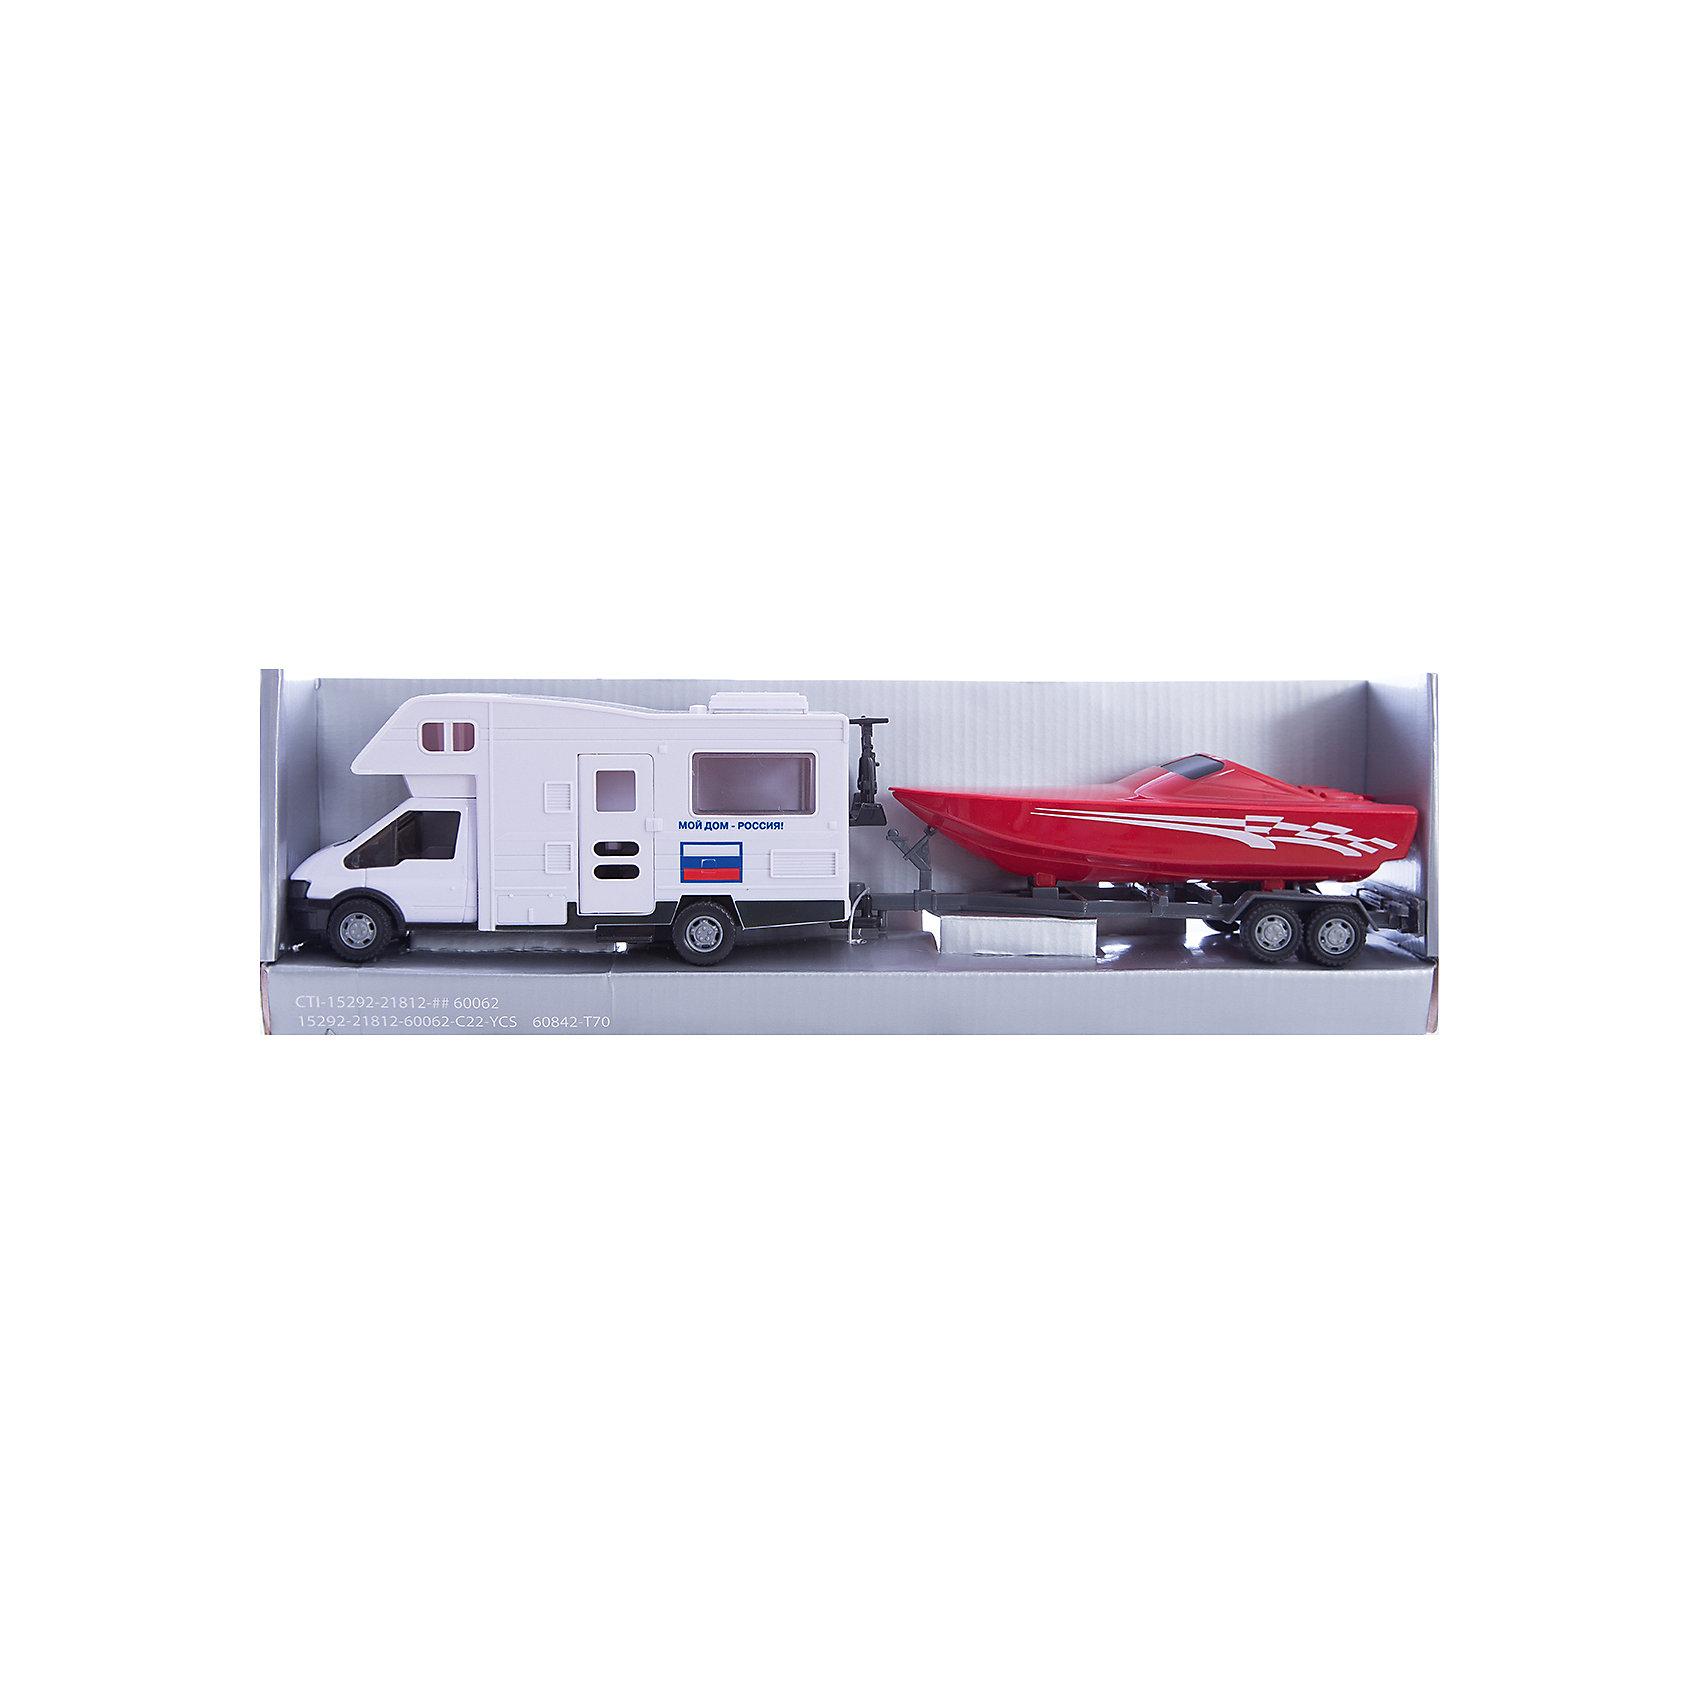 Машинка Motorhome Sunshine Россия, с яхтой 1:48, AutotimeМашинки<br>Характеристики товара:<br><br>• цвет: красный, белый<br>• возраст: от 3 лет<br>• материал: металл, пластик<br>• масштаб: 1:48<br>• комплектация: машина, яхта<br>• колеса вращаются<br>• размер упаковки: 25х6х11 см<br>• вес с упаковкой: 300 г<br>• страна бренда: Россия, Китай<br>• страна изготовитель: Китай<br><br>Эта машинка представляет собой миниатюрную копию машины с яхтой. Она отличается высокой детализацией, является коллекционной моделью. <br><br>Сделана машинка из прочного и безопасного материала. Корпус - из металла и пластика. <br><br>Машинку «Motorhome Sunshine Россия, с яхтой 1:48», Autotime (Автотайм) можно купить в нашем интернет-магазине.<br><br>Ширина мм: 362<br>Глубина мм: 114<br>Высота мм: 146<br>Вес г: 15<br>Возраст от месяцев: 36<br>Возраст до месяцев: 2147483647<br>Пол: Мужской<br>Возраст: Детский<br>SKU: 5584148